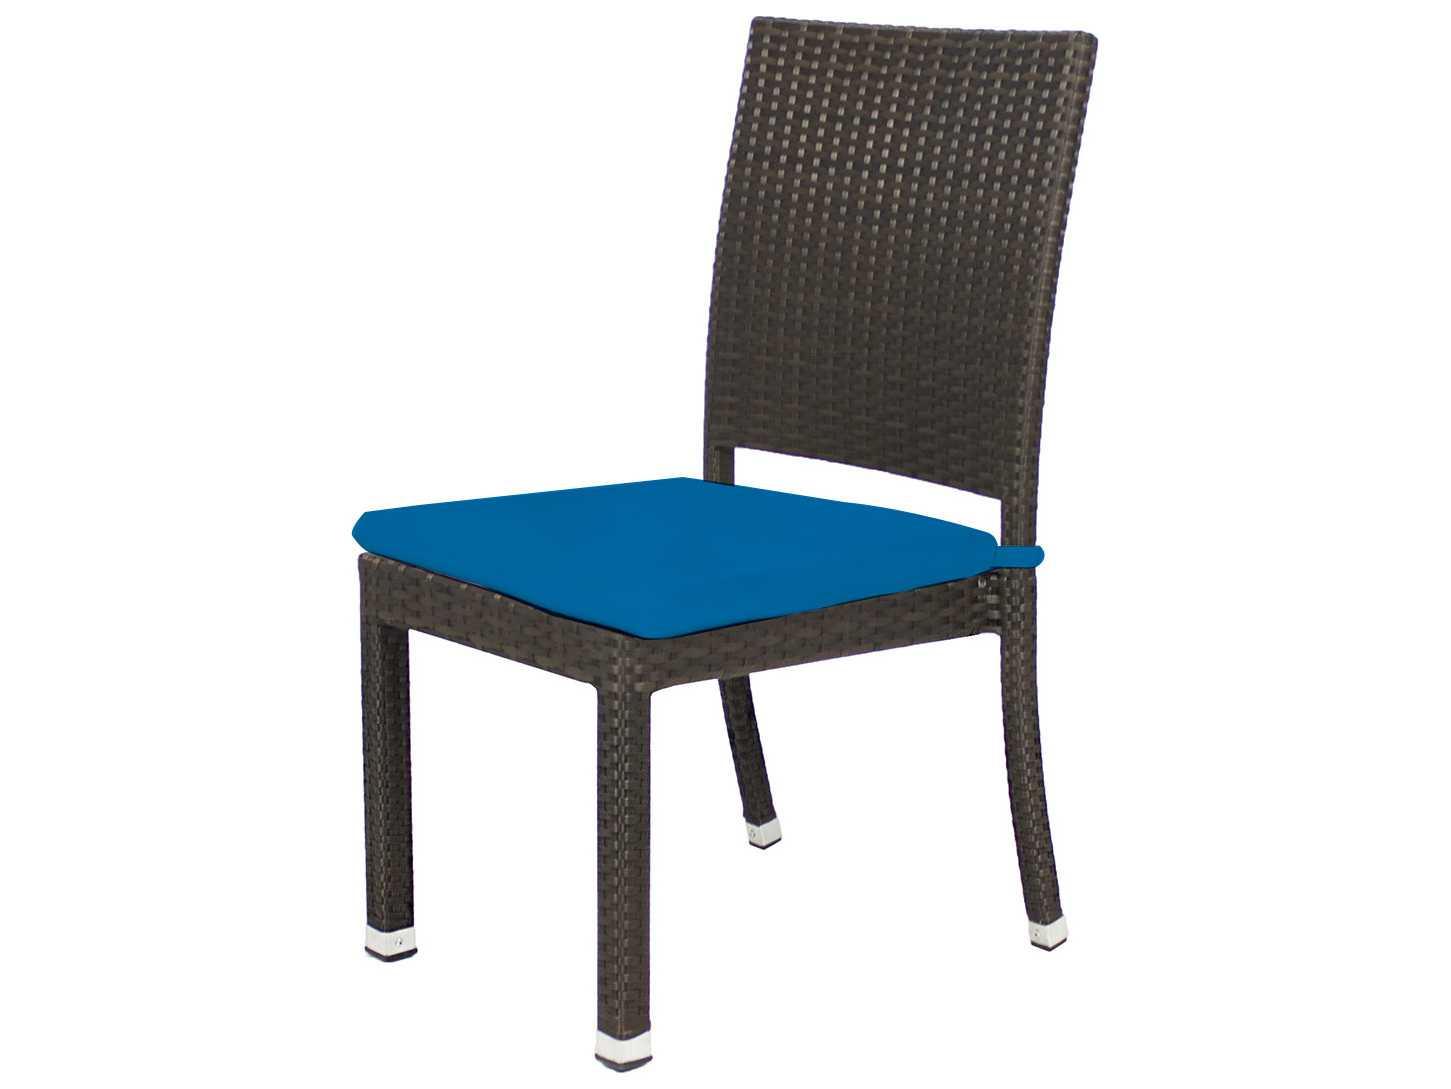 Source Outdoor Furniture Zen Wicker Dining Set SCZENDINSET2